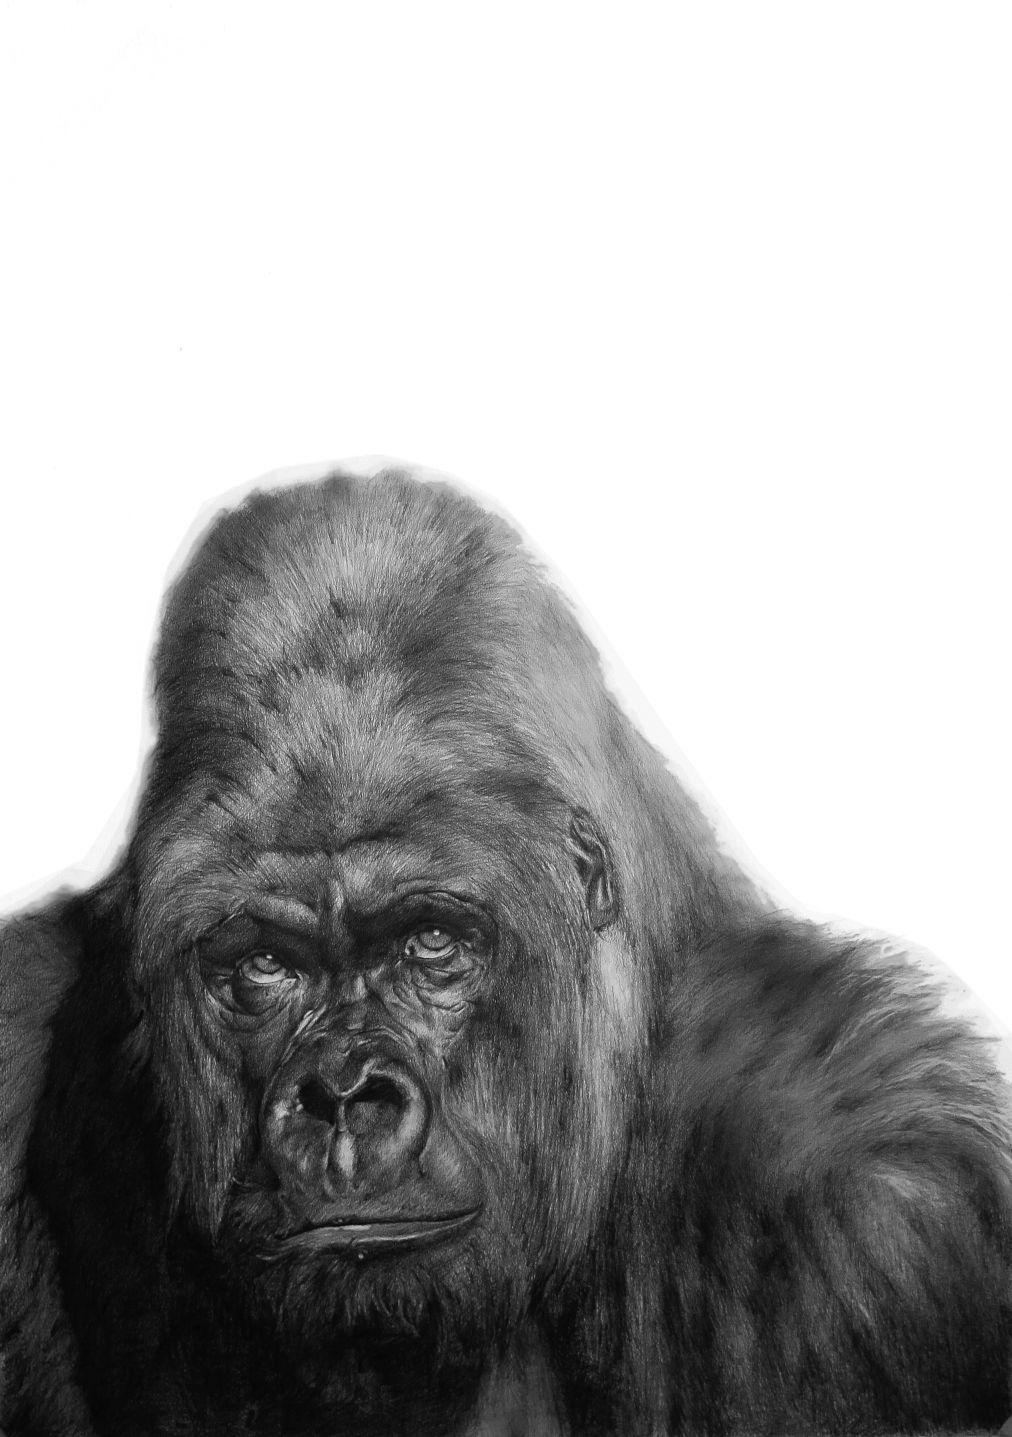 Gorila. (2016) - Aythamy Armas